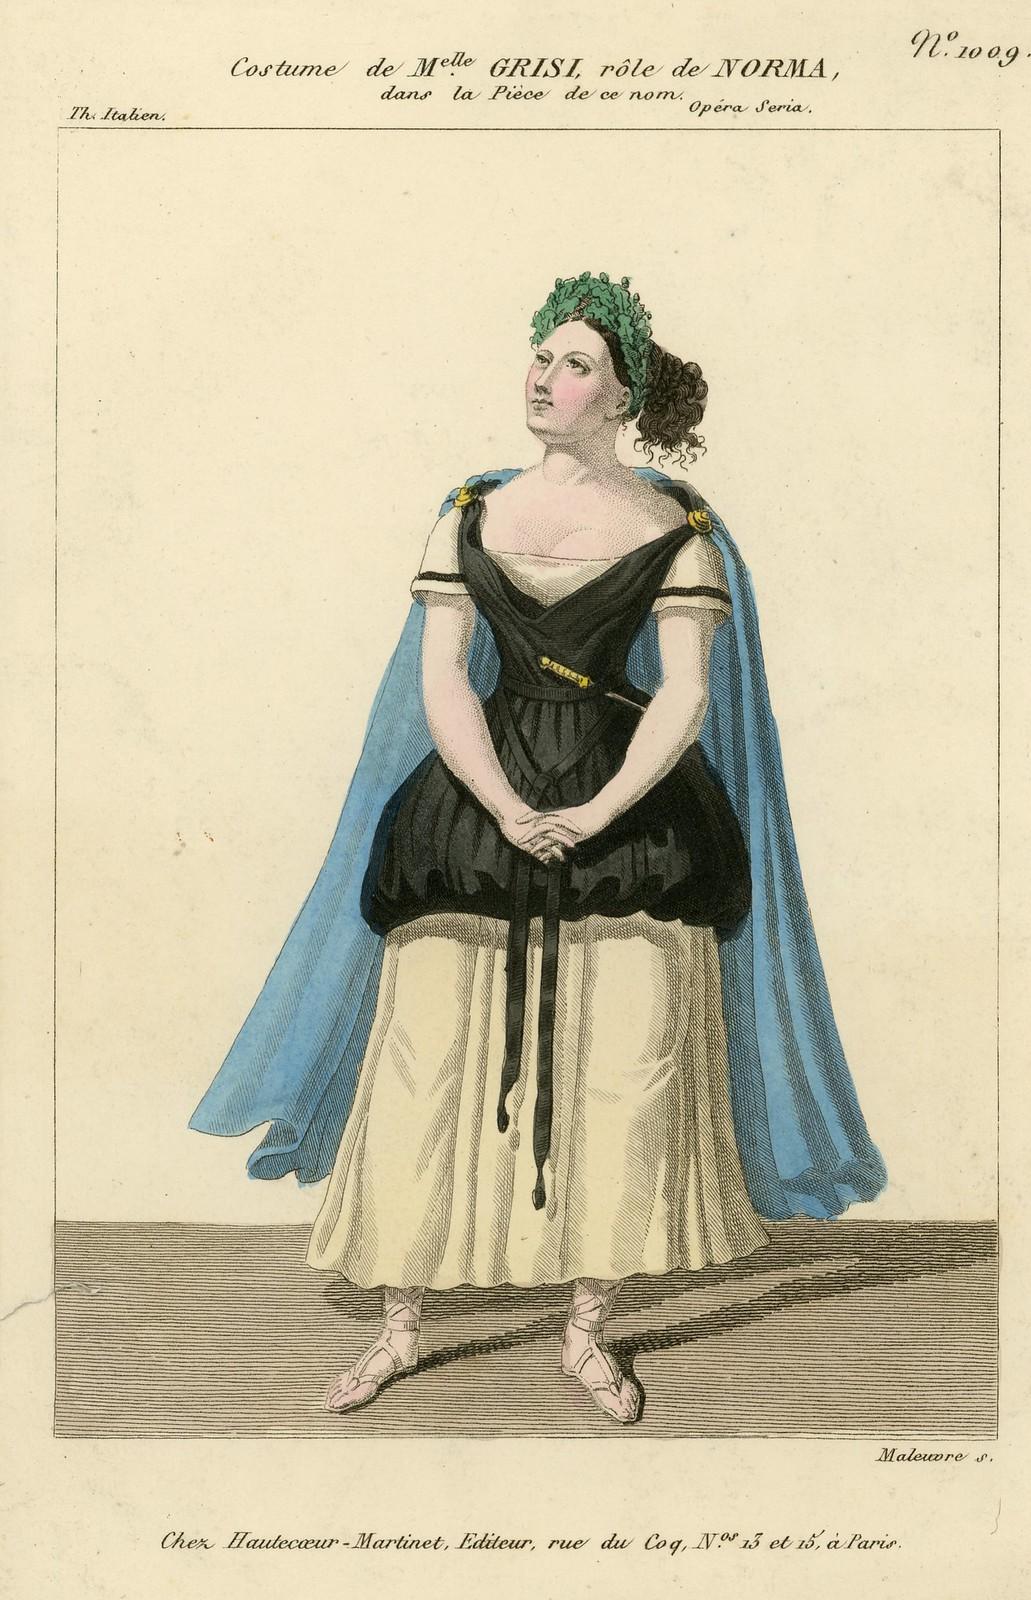 Costume de Melle. Grisi, rôle de Norma [Cropped]